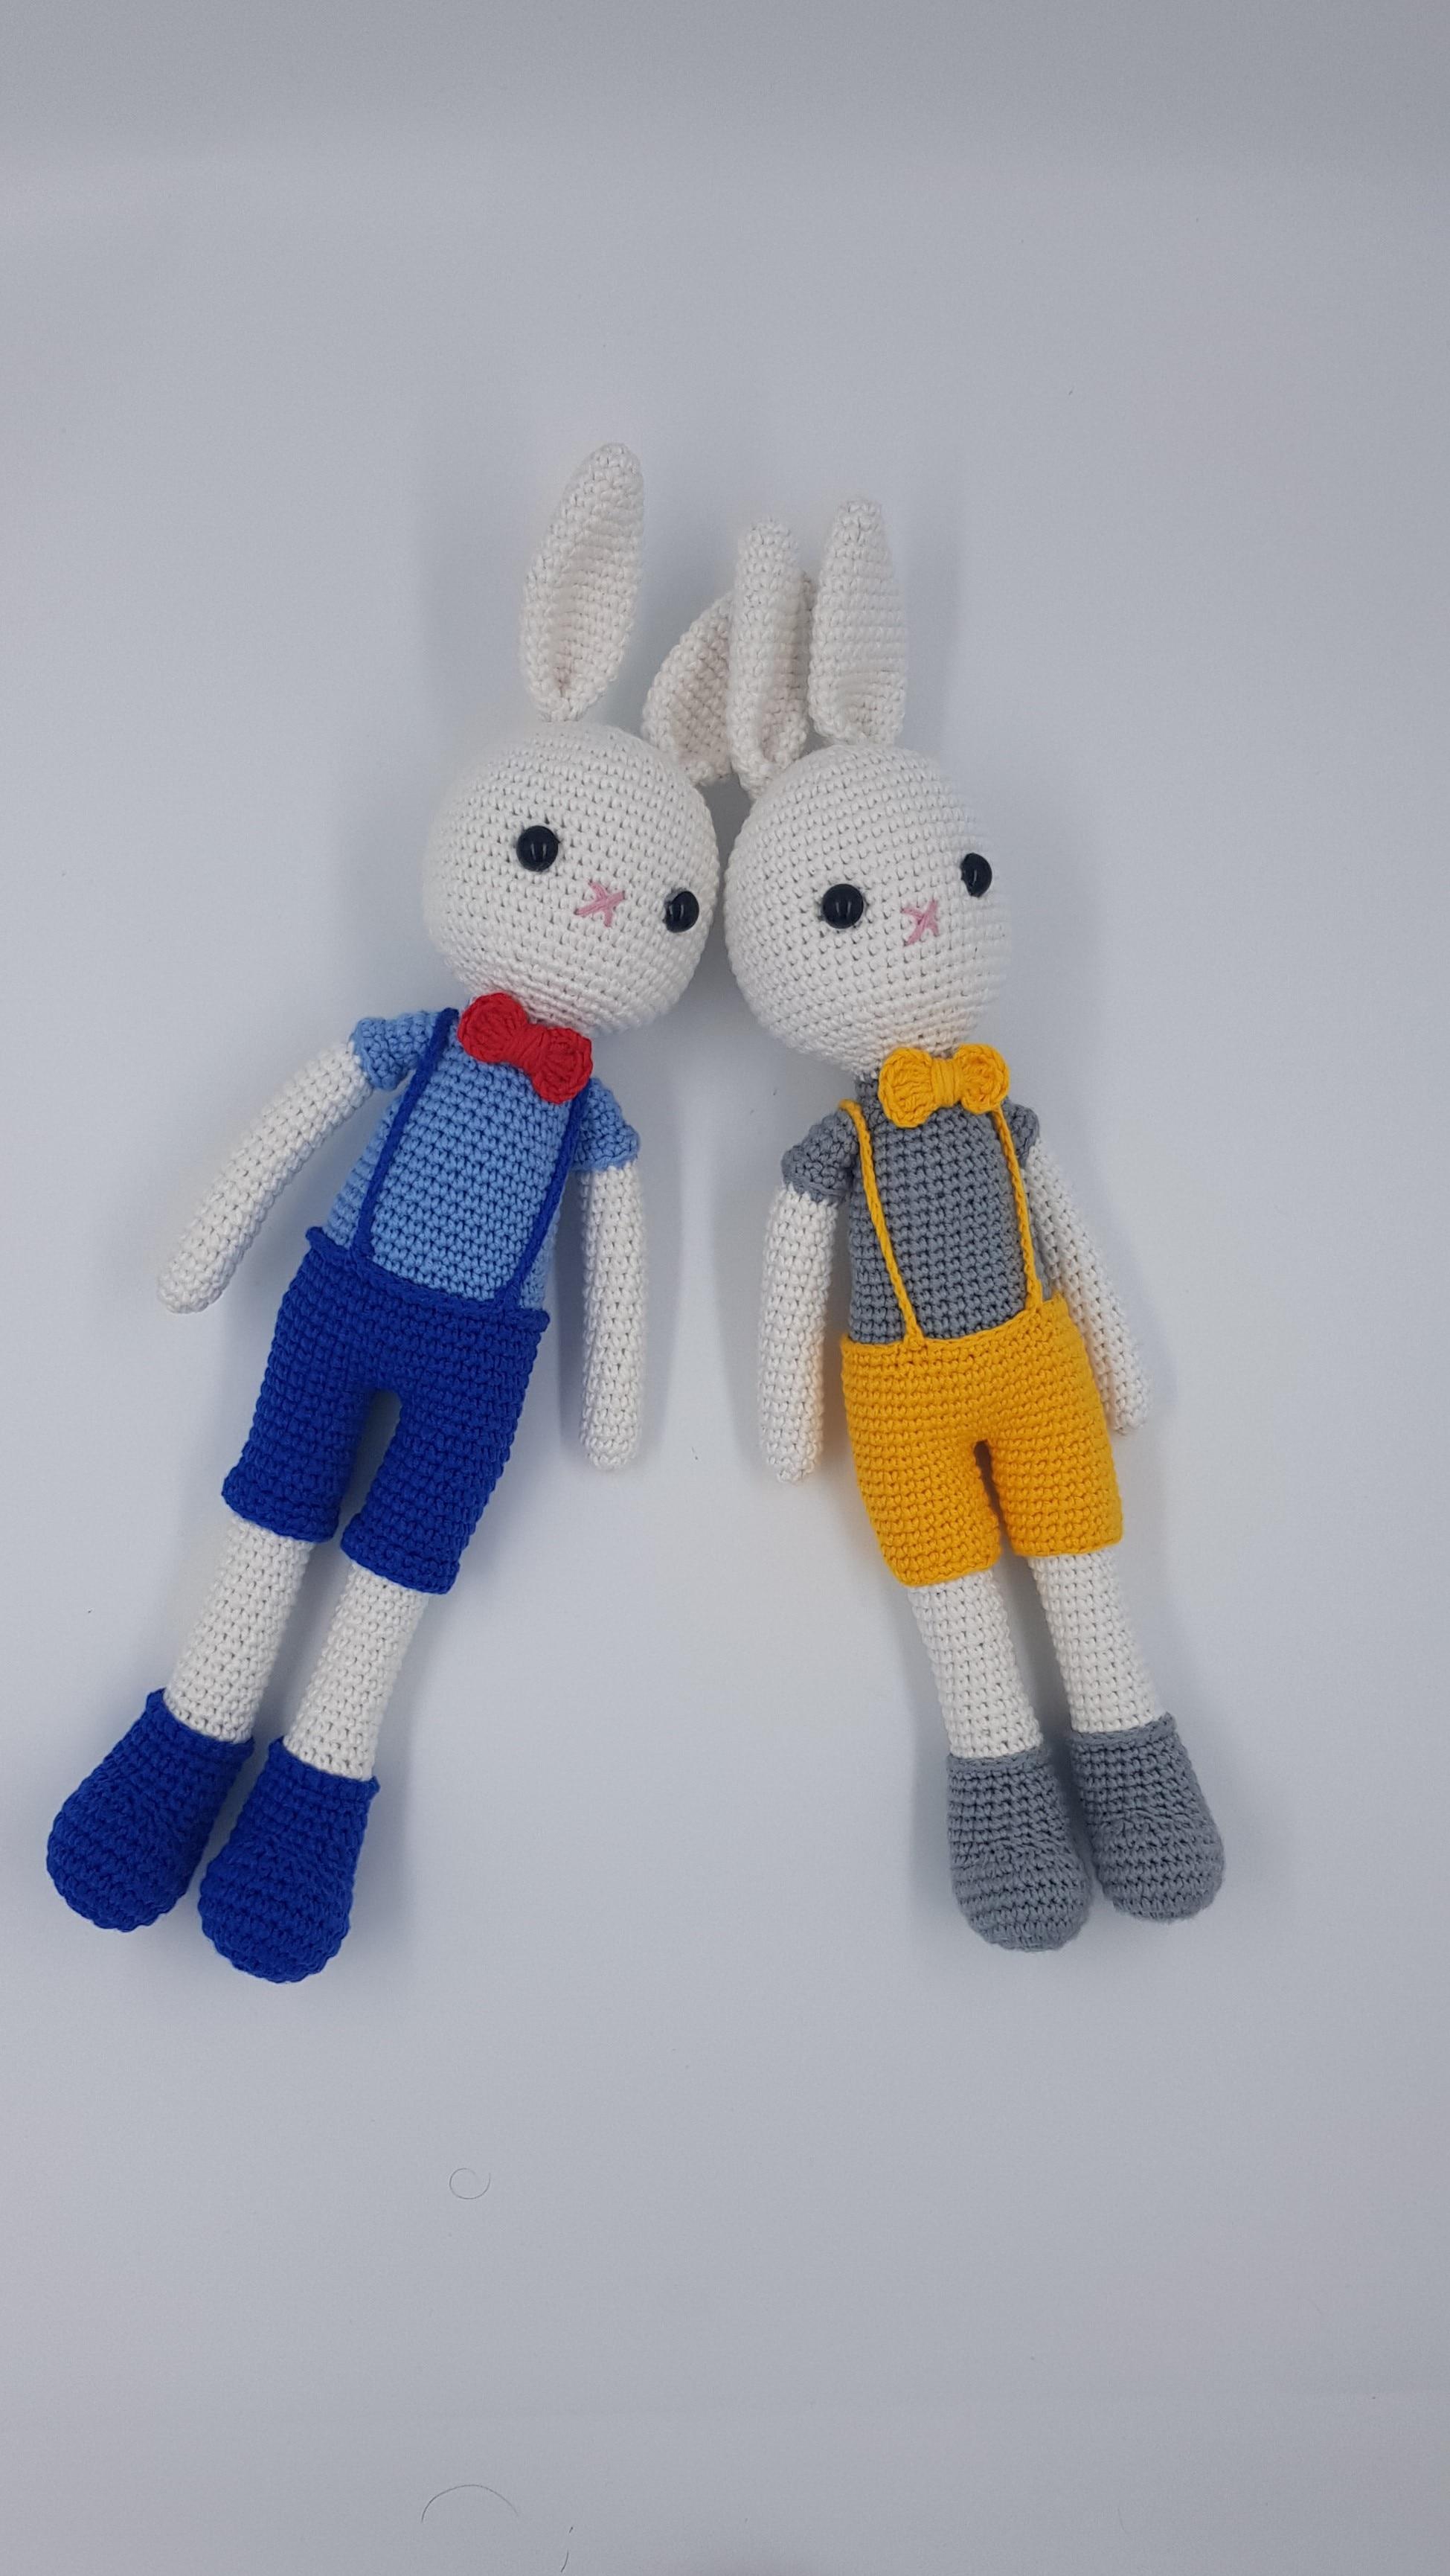 Conejo bonito de 36cm hecho a mano, cuerda orgánica, Amigurumi juguete de punto, amigo durmiendo y amigo del juego